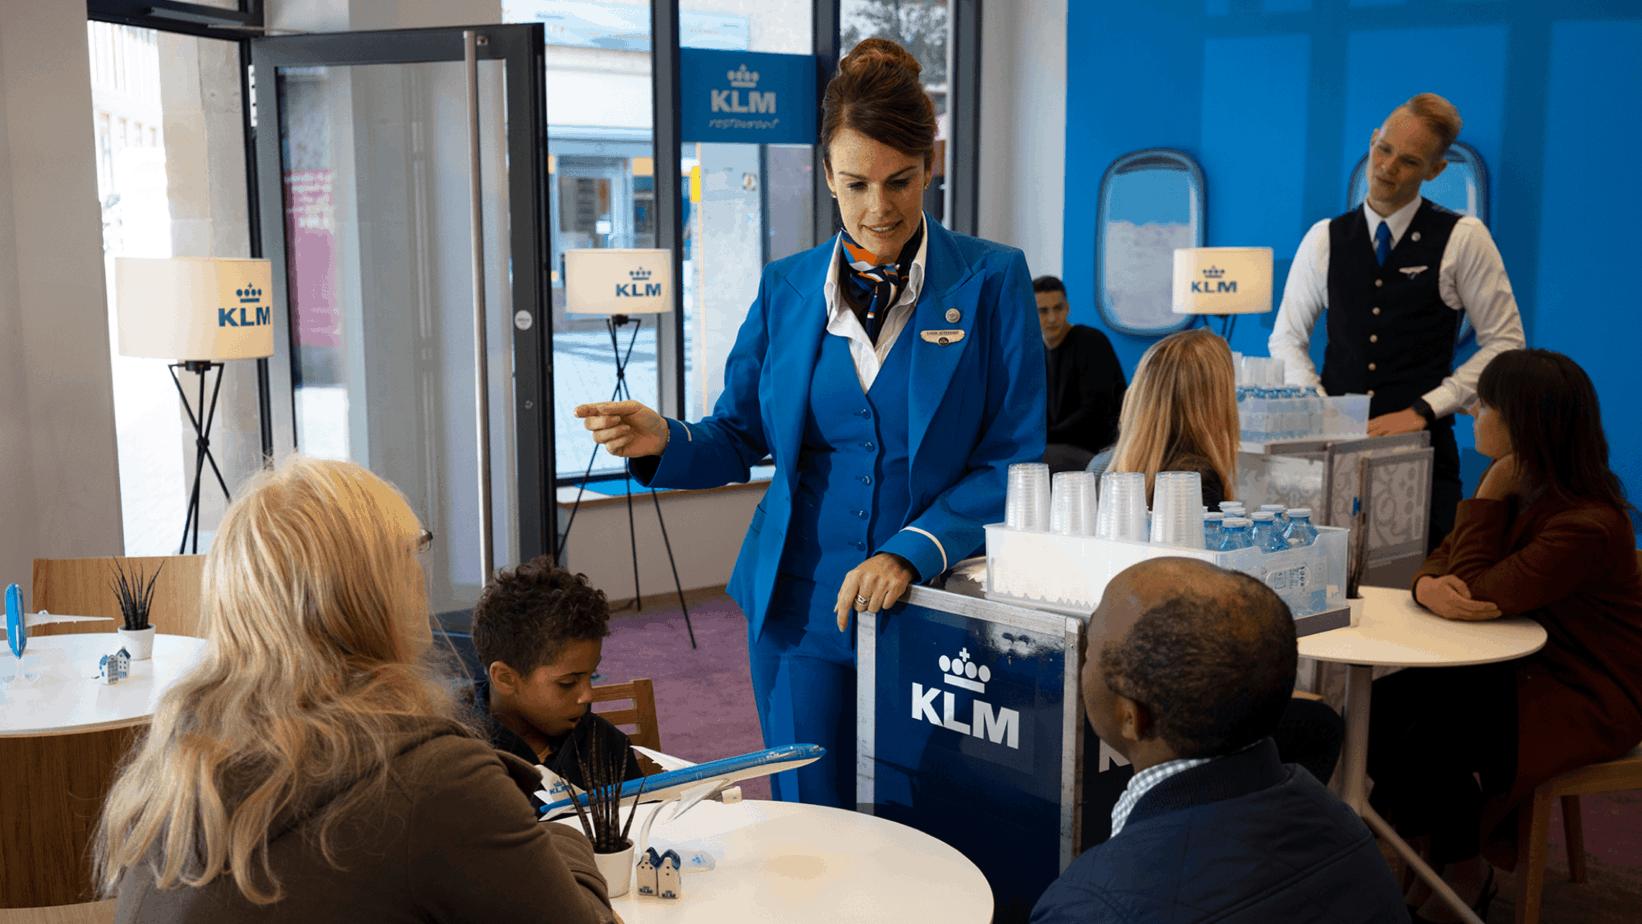 Zwillingsratgeber KLM_Restaurant2 Anzeige: Schon mal was von KLM gehört?